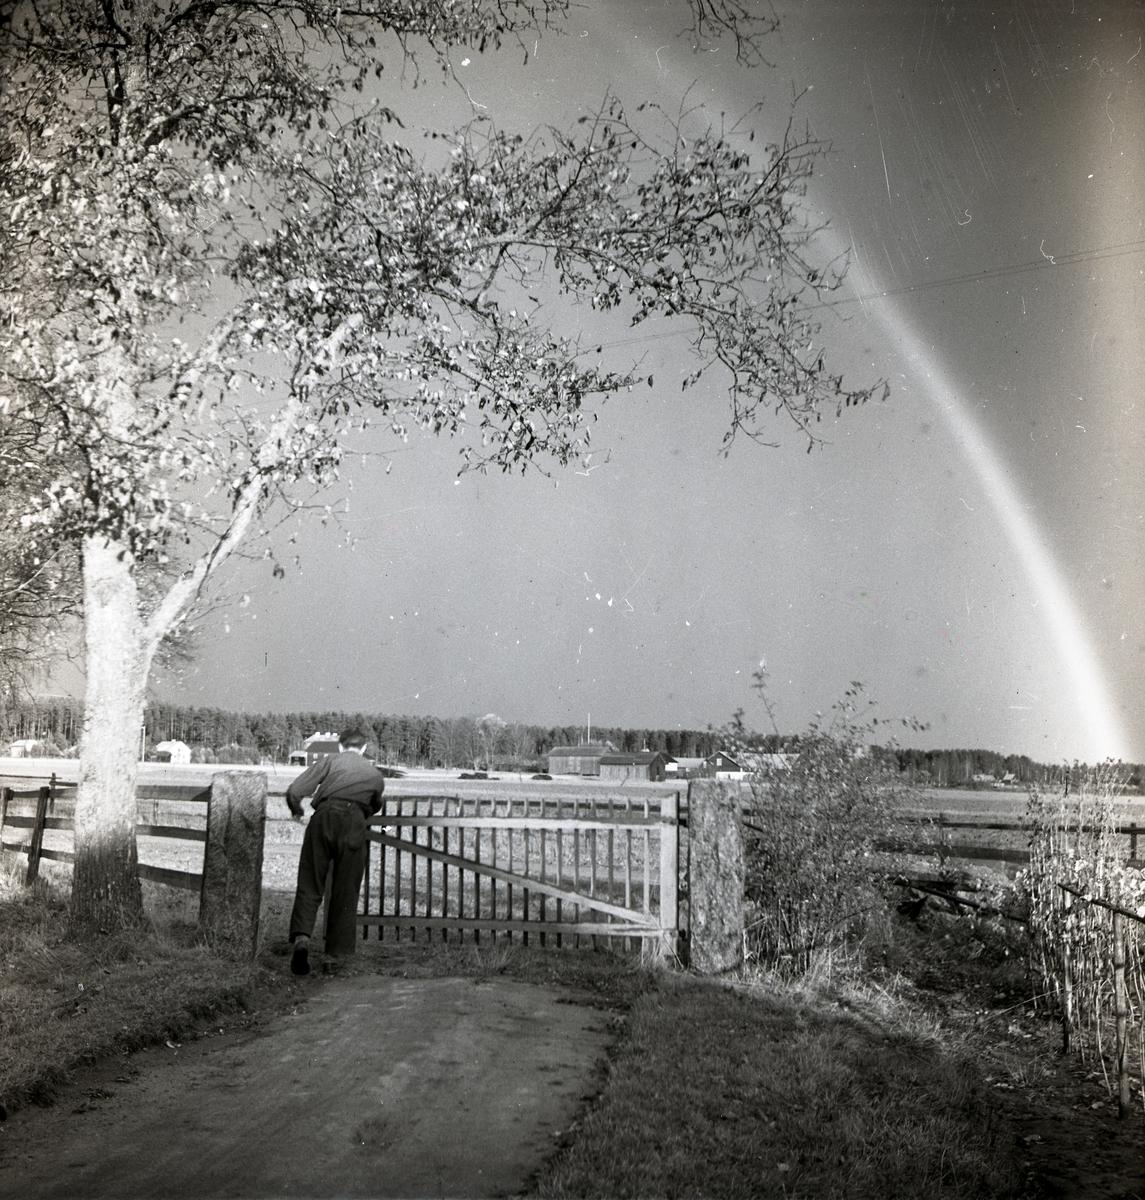 En man står vid en grind och tittar mot en regnbåge, oktober 1949.